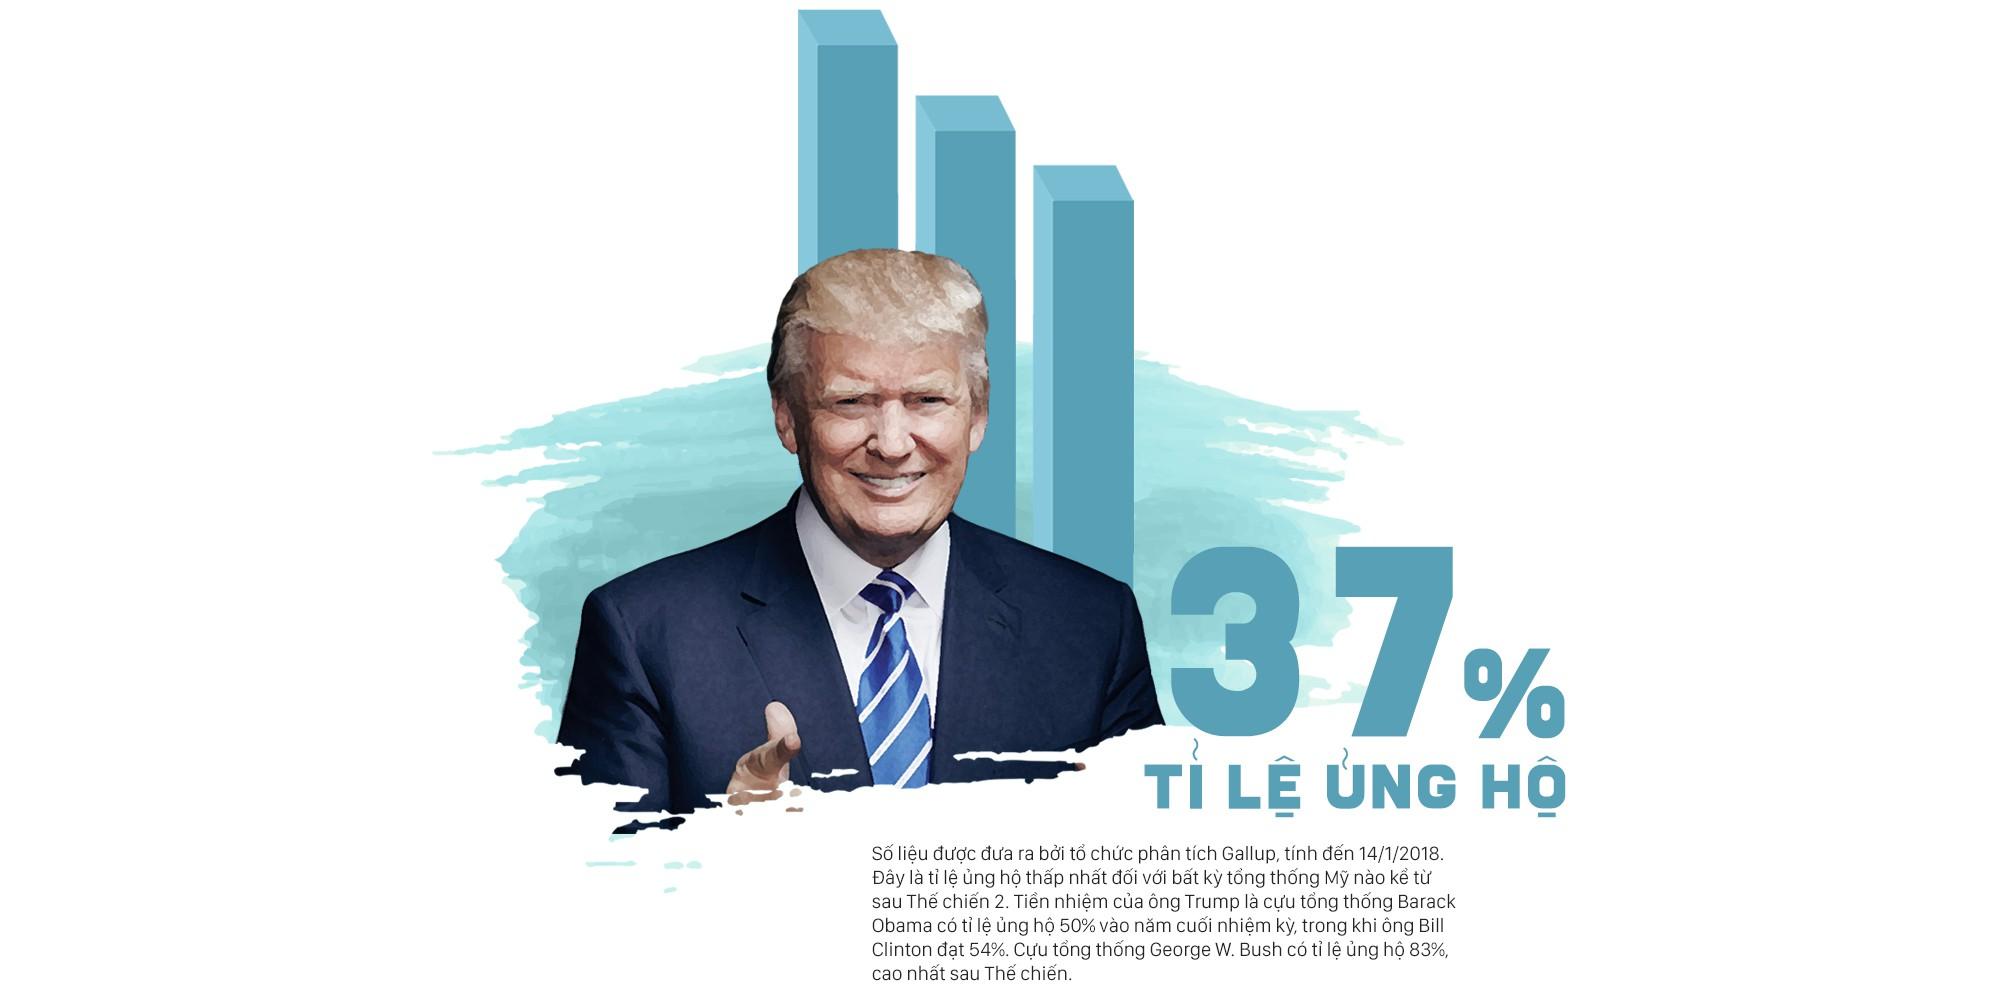 Năm đầu tiên trong Nhà Trắng của tổng thống Trump: Những con số kỷ lục đập tan tranh cãi - Ảnh 1.